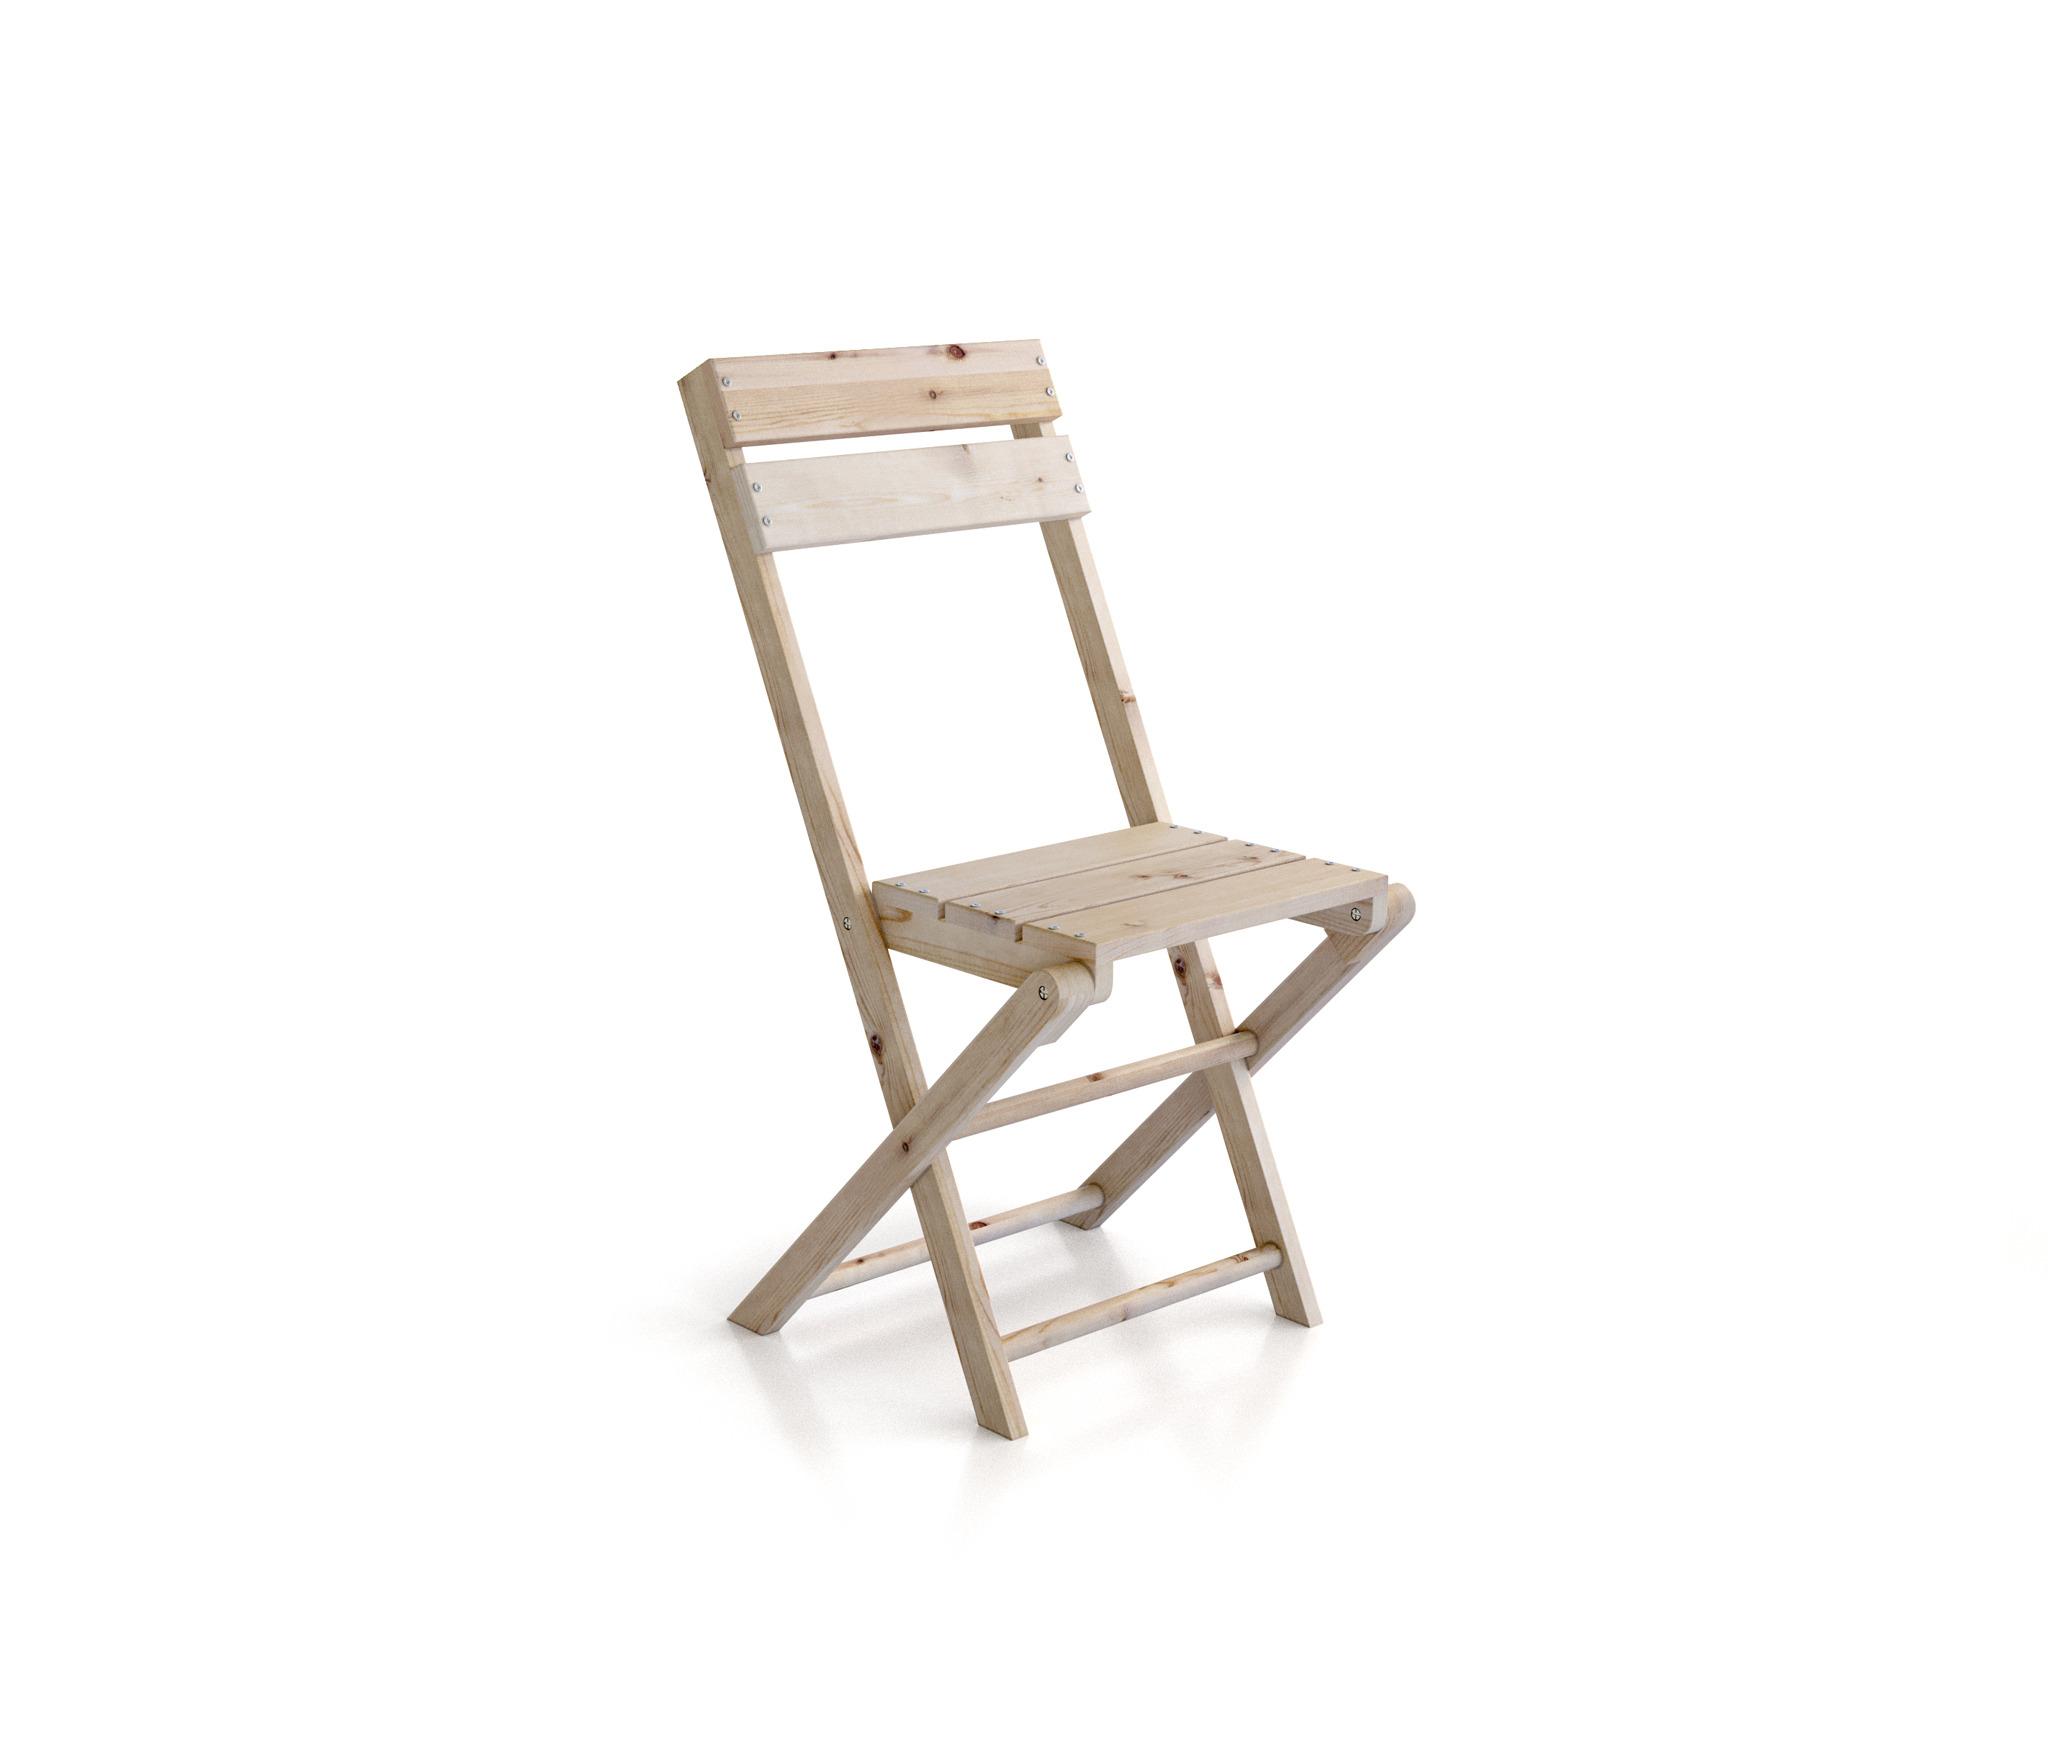 Кантри (Карелия) МС-26 стул раскладной соснаСопутствующие<br>Удобный раскладной стул из массива сосны.&#13;ВНИМАНИЕ! Перед началом эксплуатации вне помещений, необходимо обработать деревянные части мебели специализированными защитными составами!&#13;]]&gt;<br><br>Длина мм: 440<br>Высота мм: 910<br>Глубина мм: 538